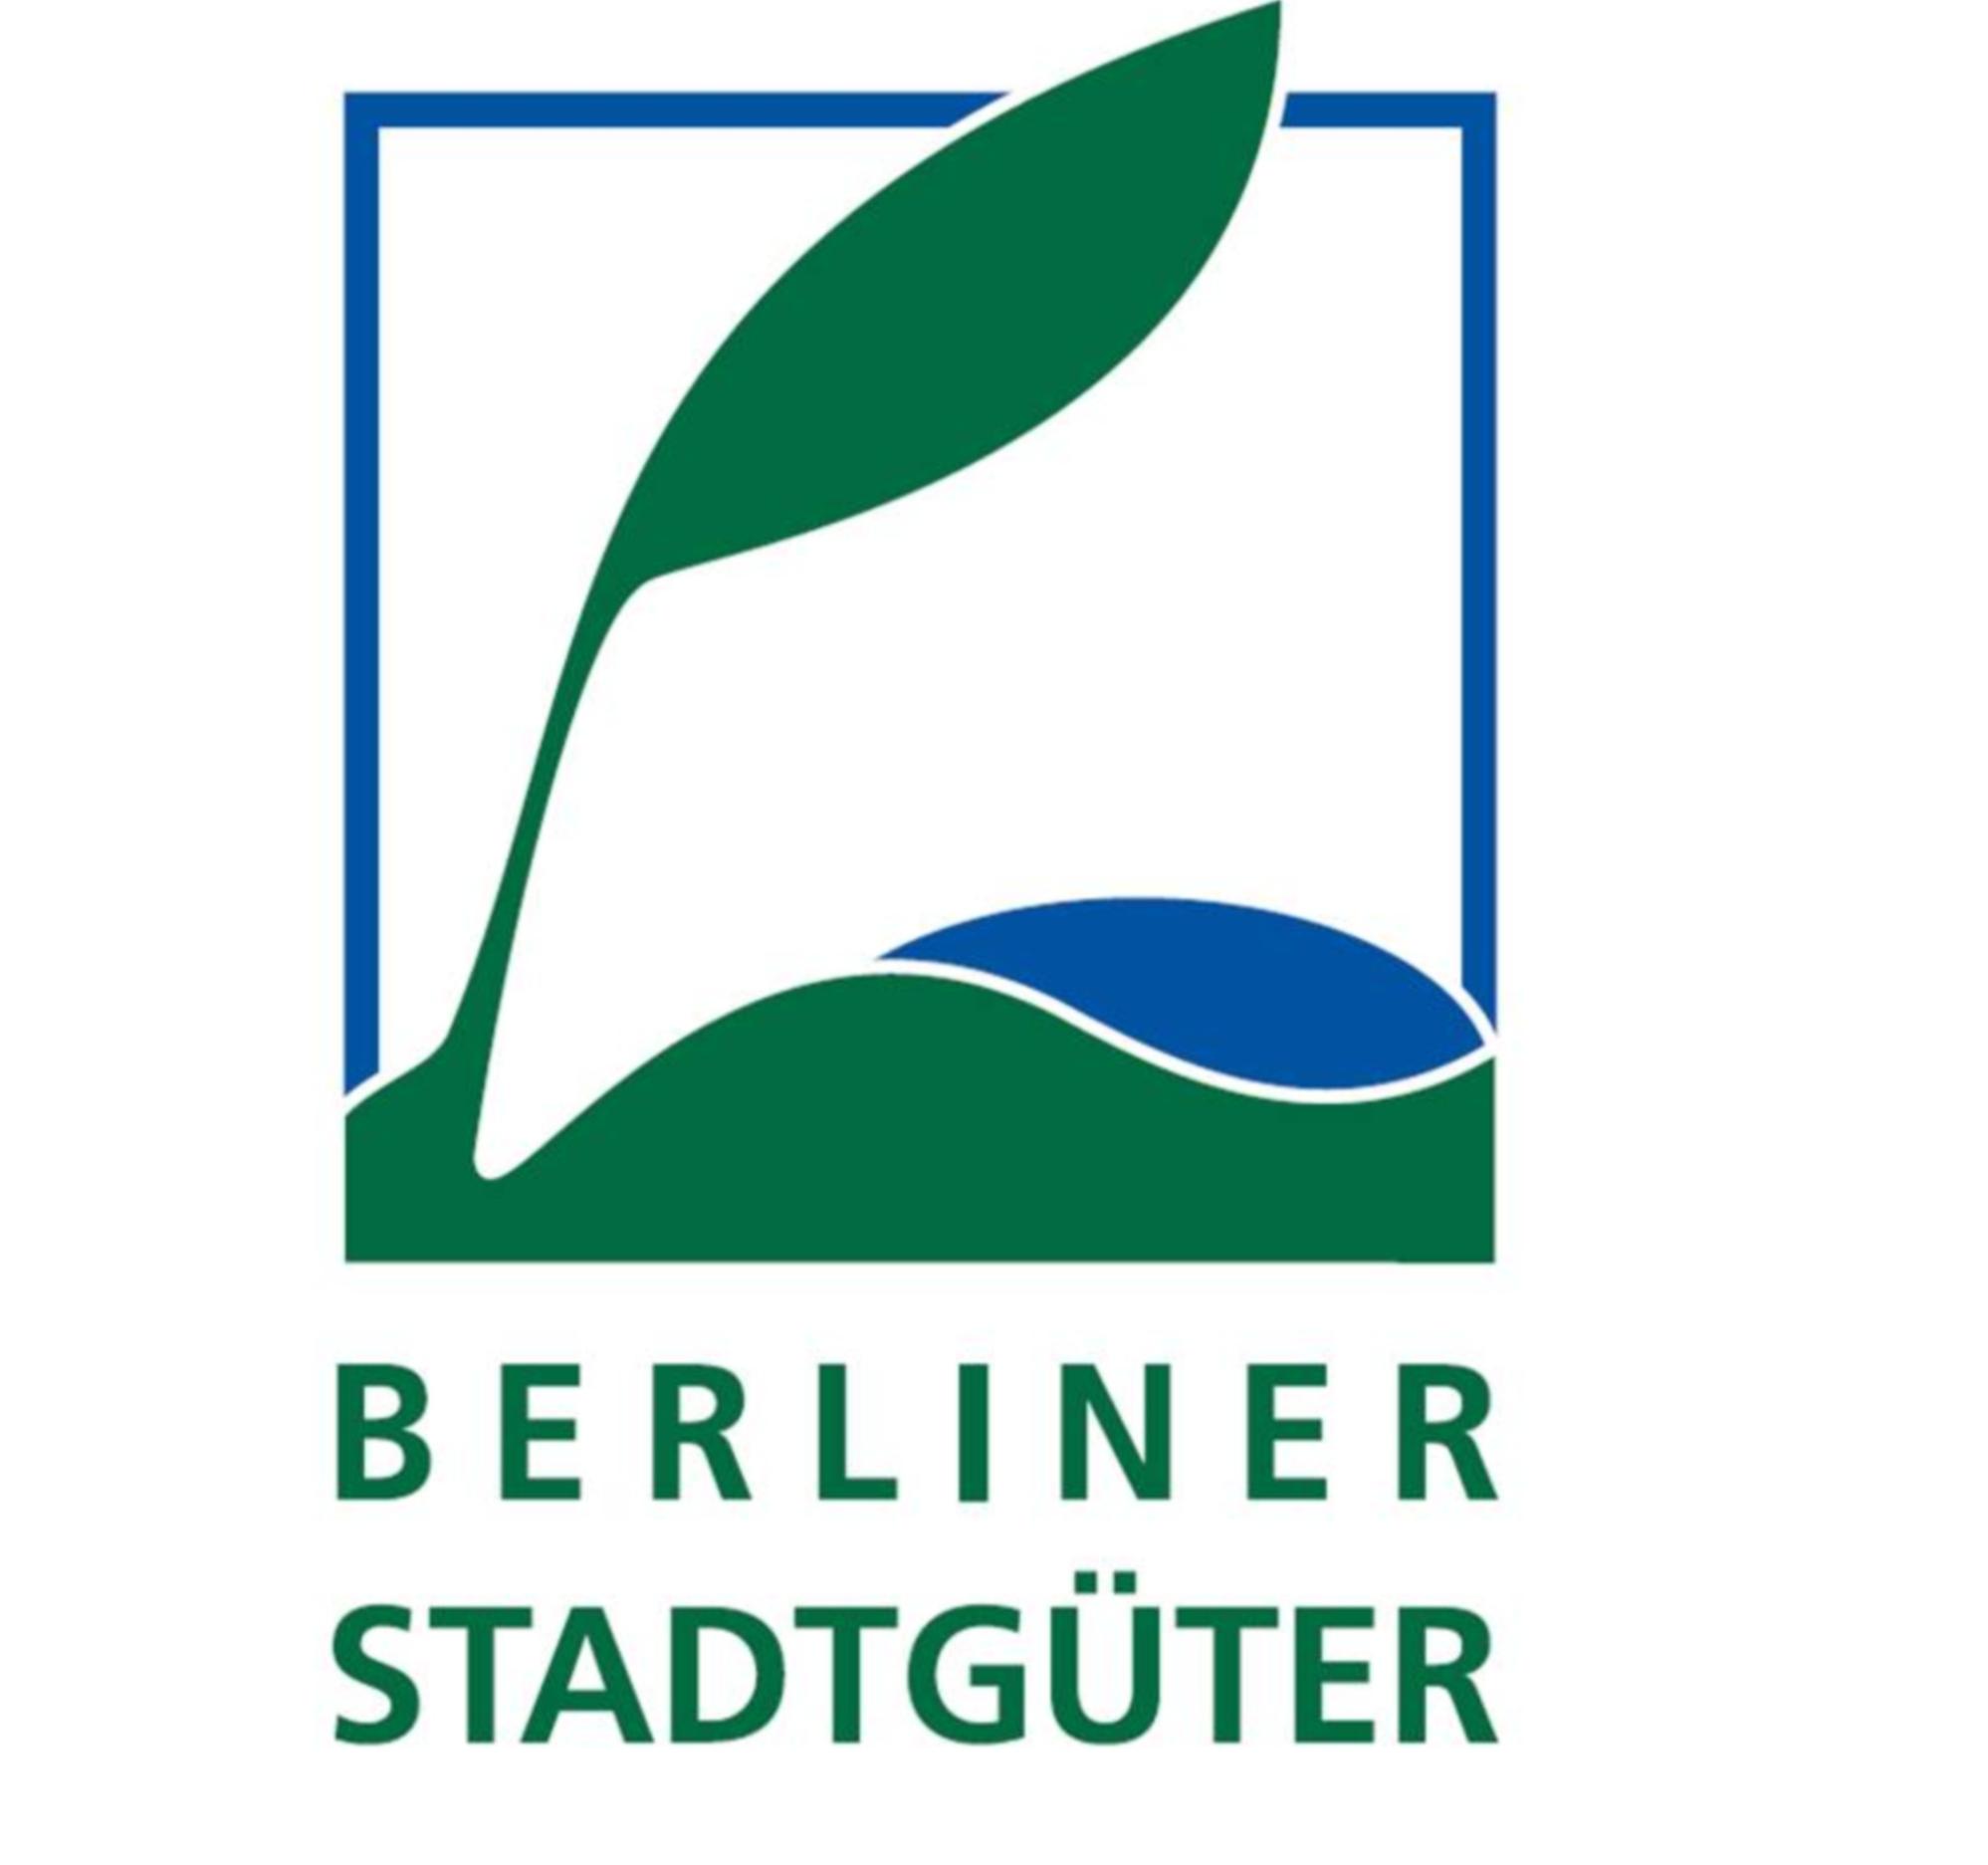 Berliner Stadtgüter GmbH